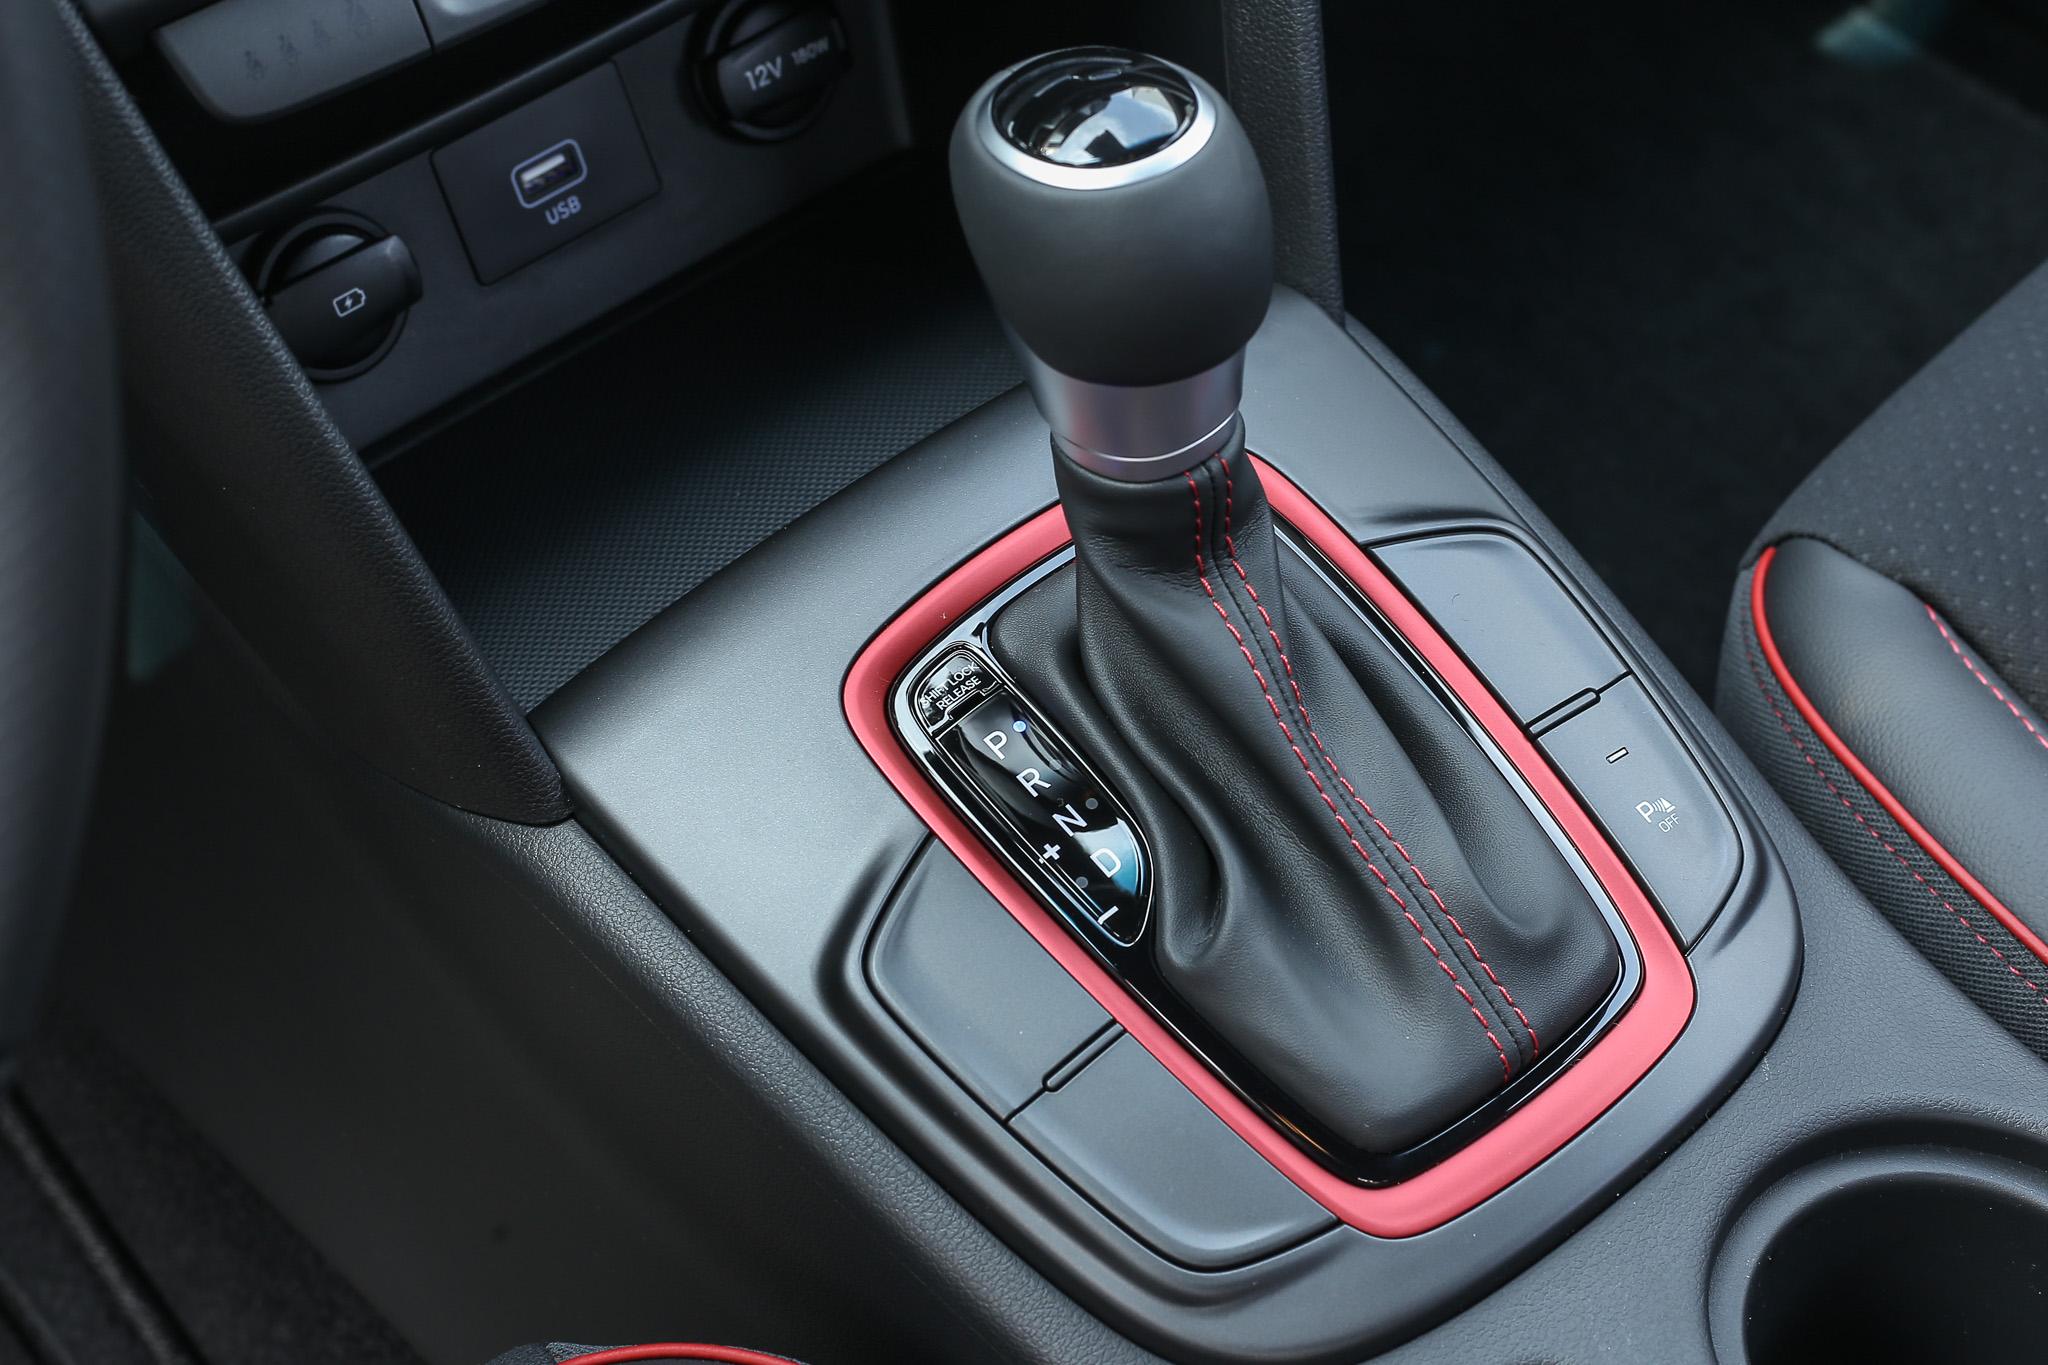 不同一般 Hybrid 採用的 CVT 變速系統,Kona Hybrid 採用六速 DCT 雙離合器自手排變速箱。